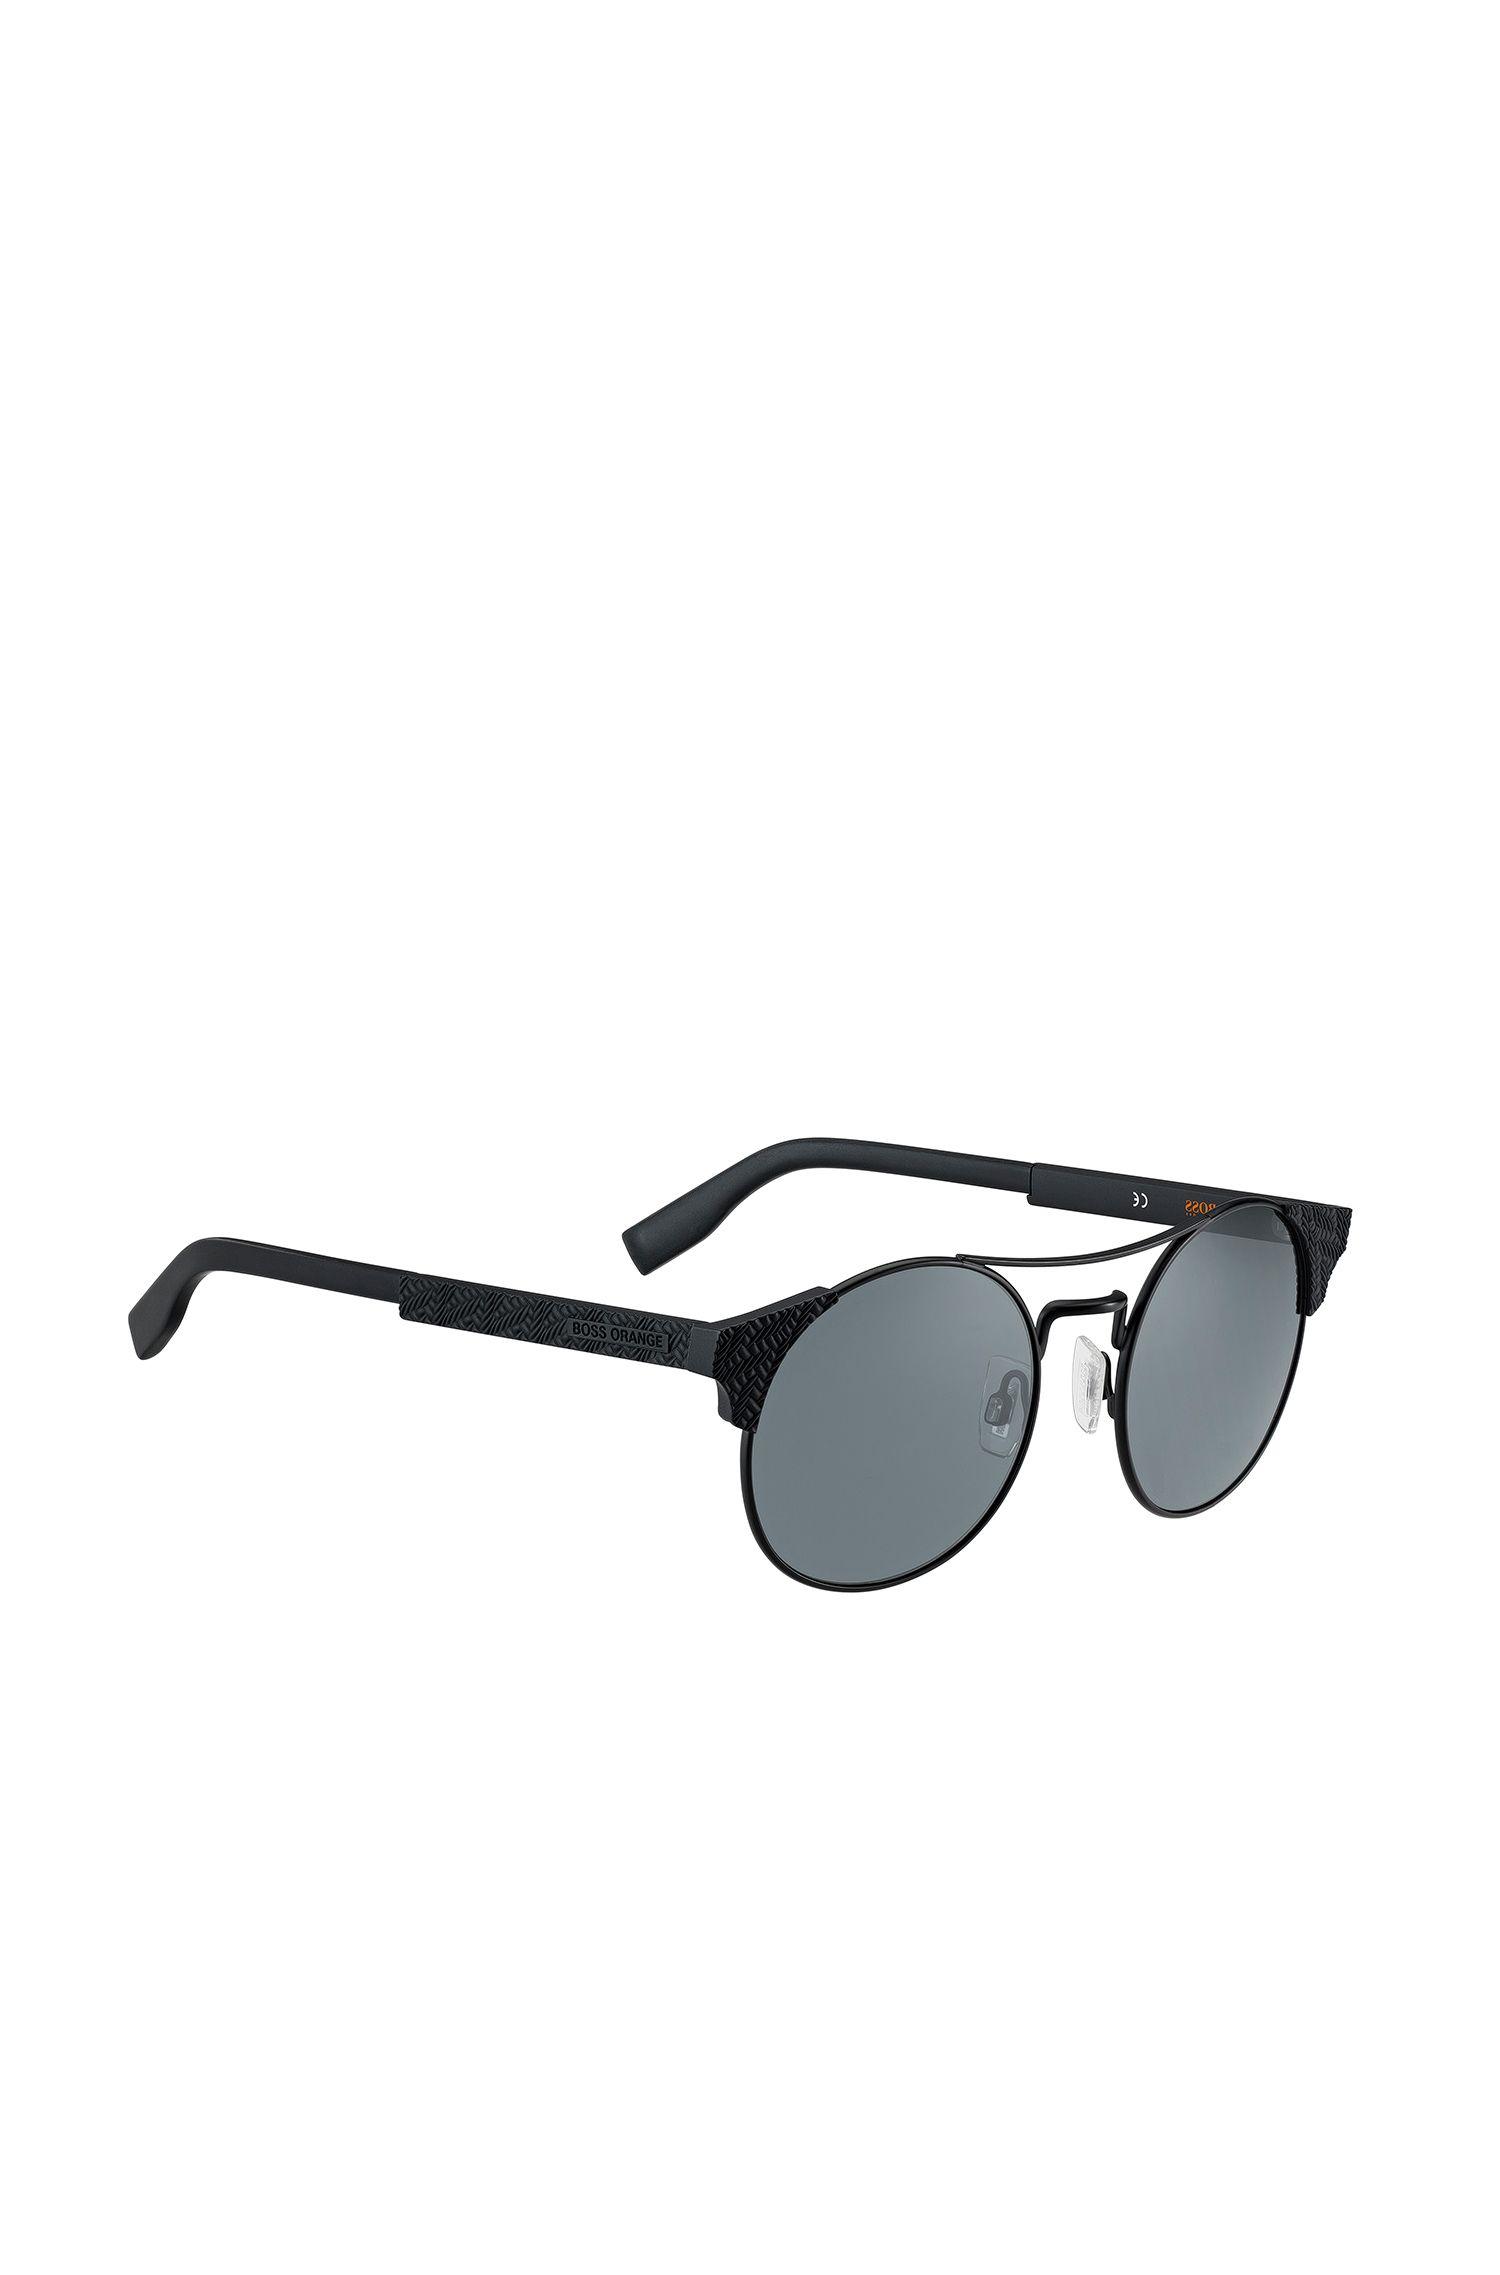 Metallene Panto-Sonnenbrille mit strukturierten Bügeln